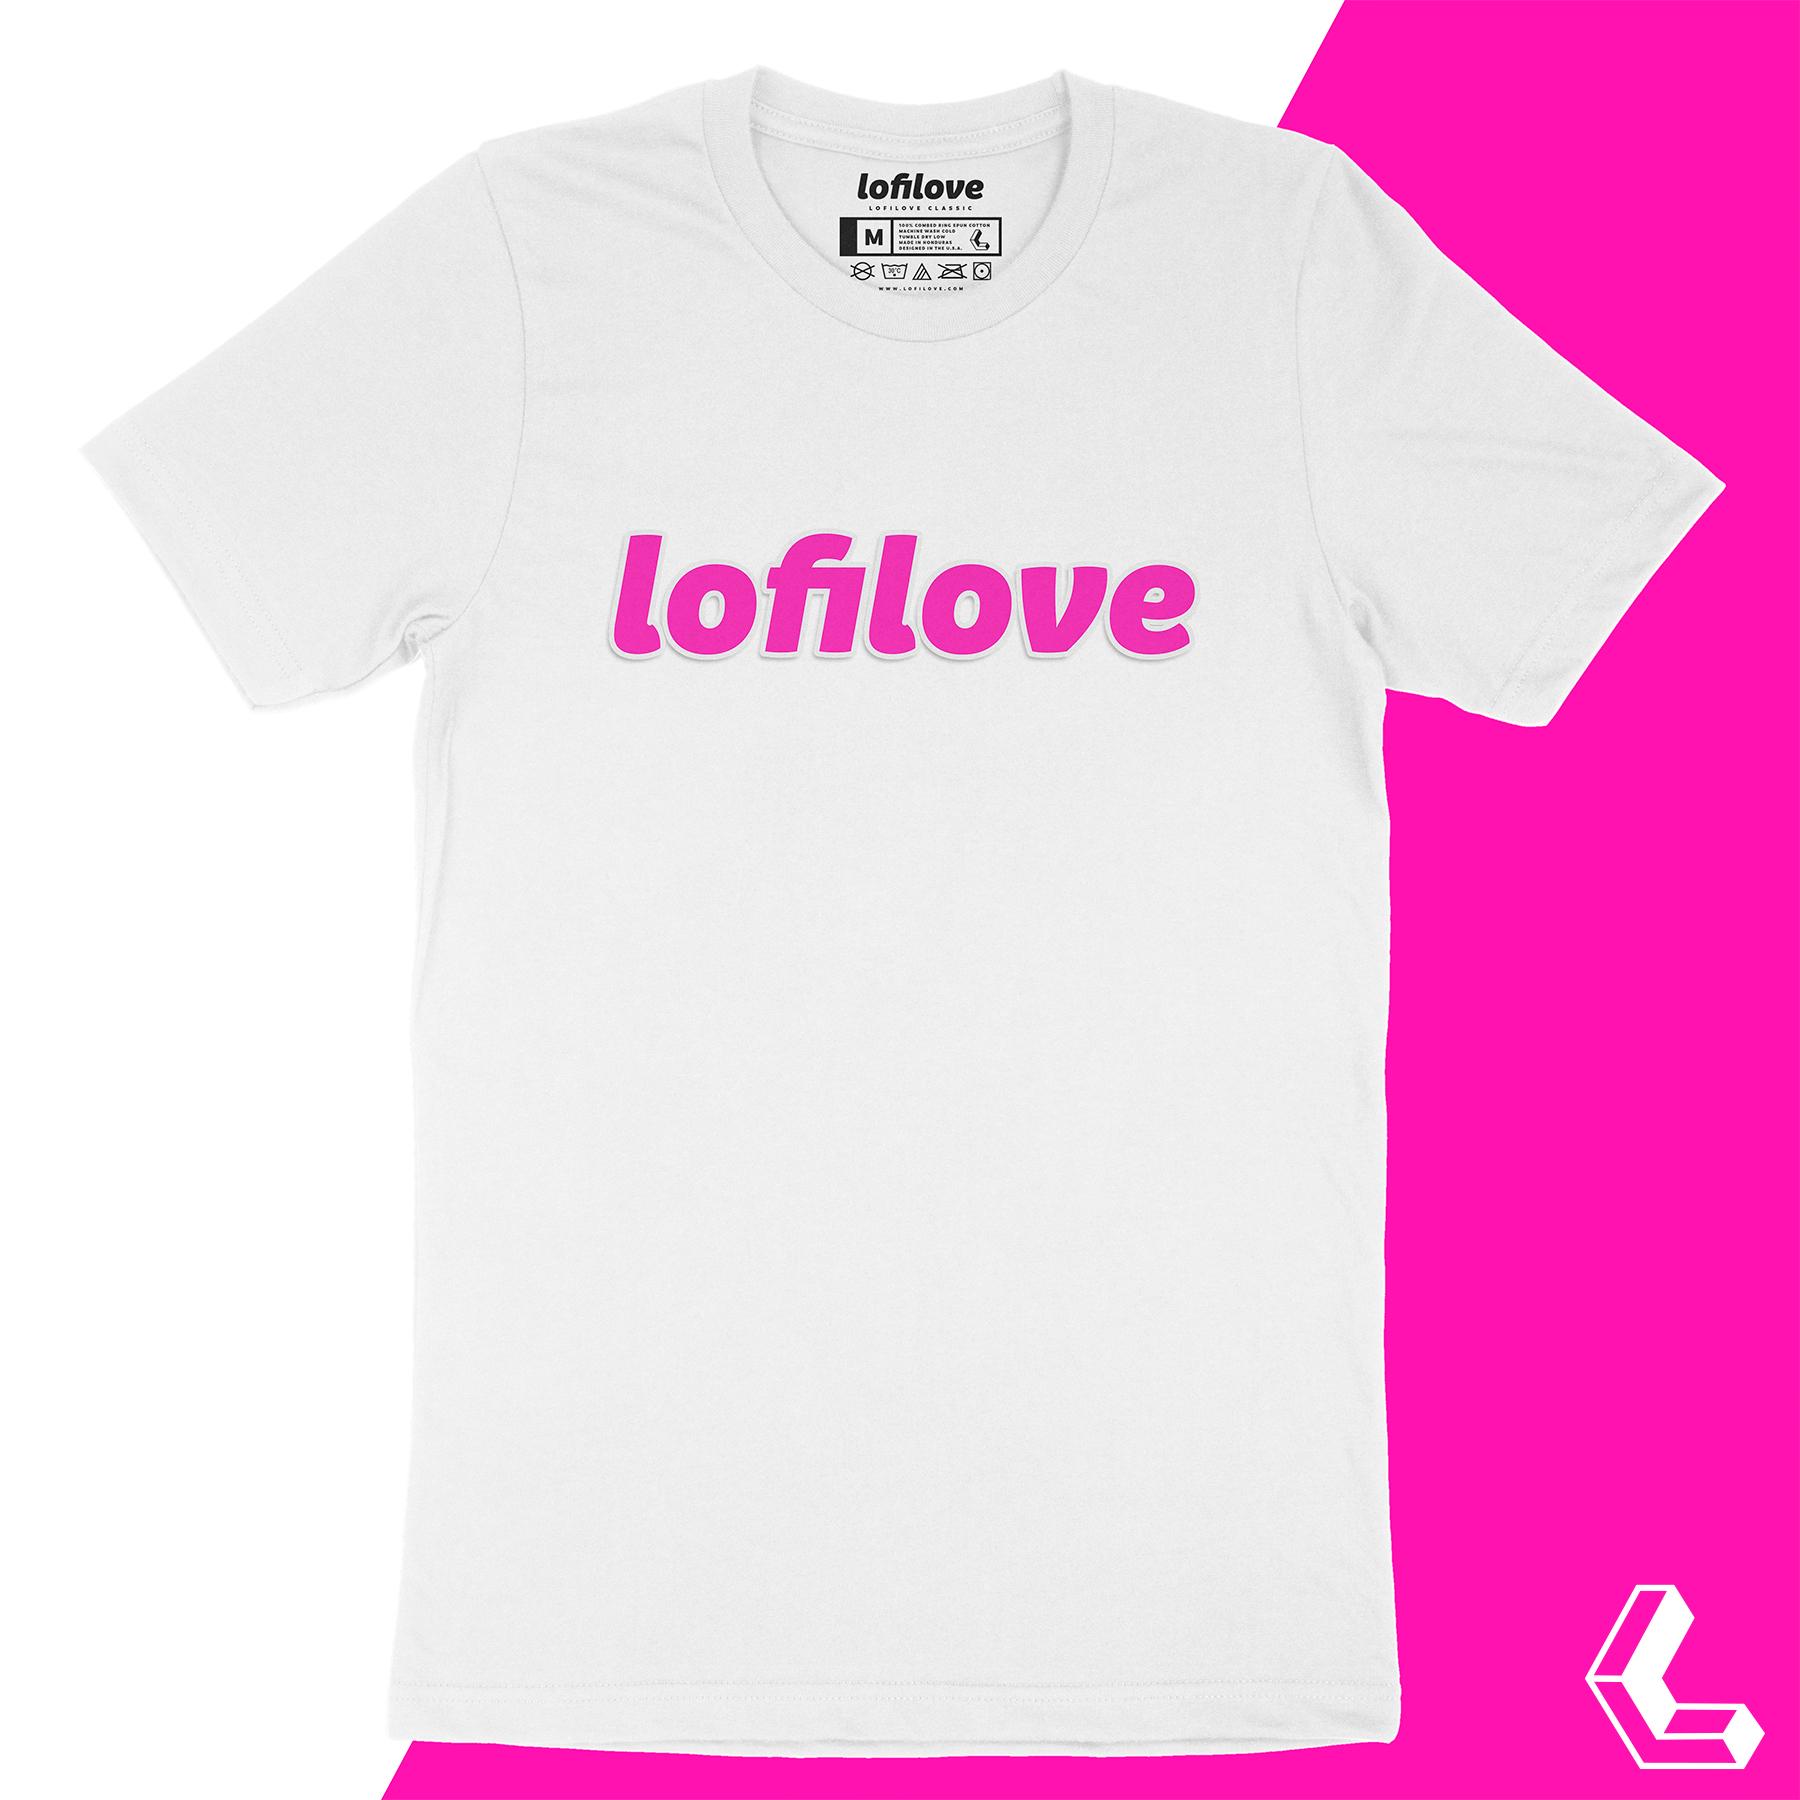 lofilove-lofilove-classic-tee-1